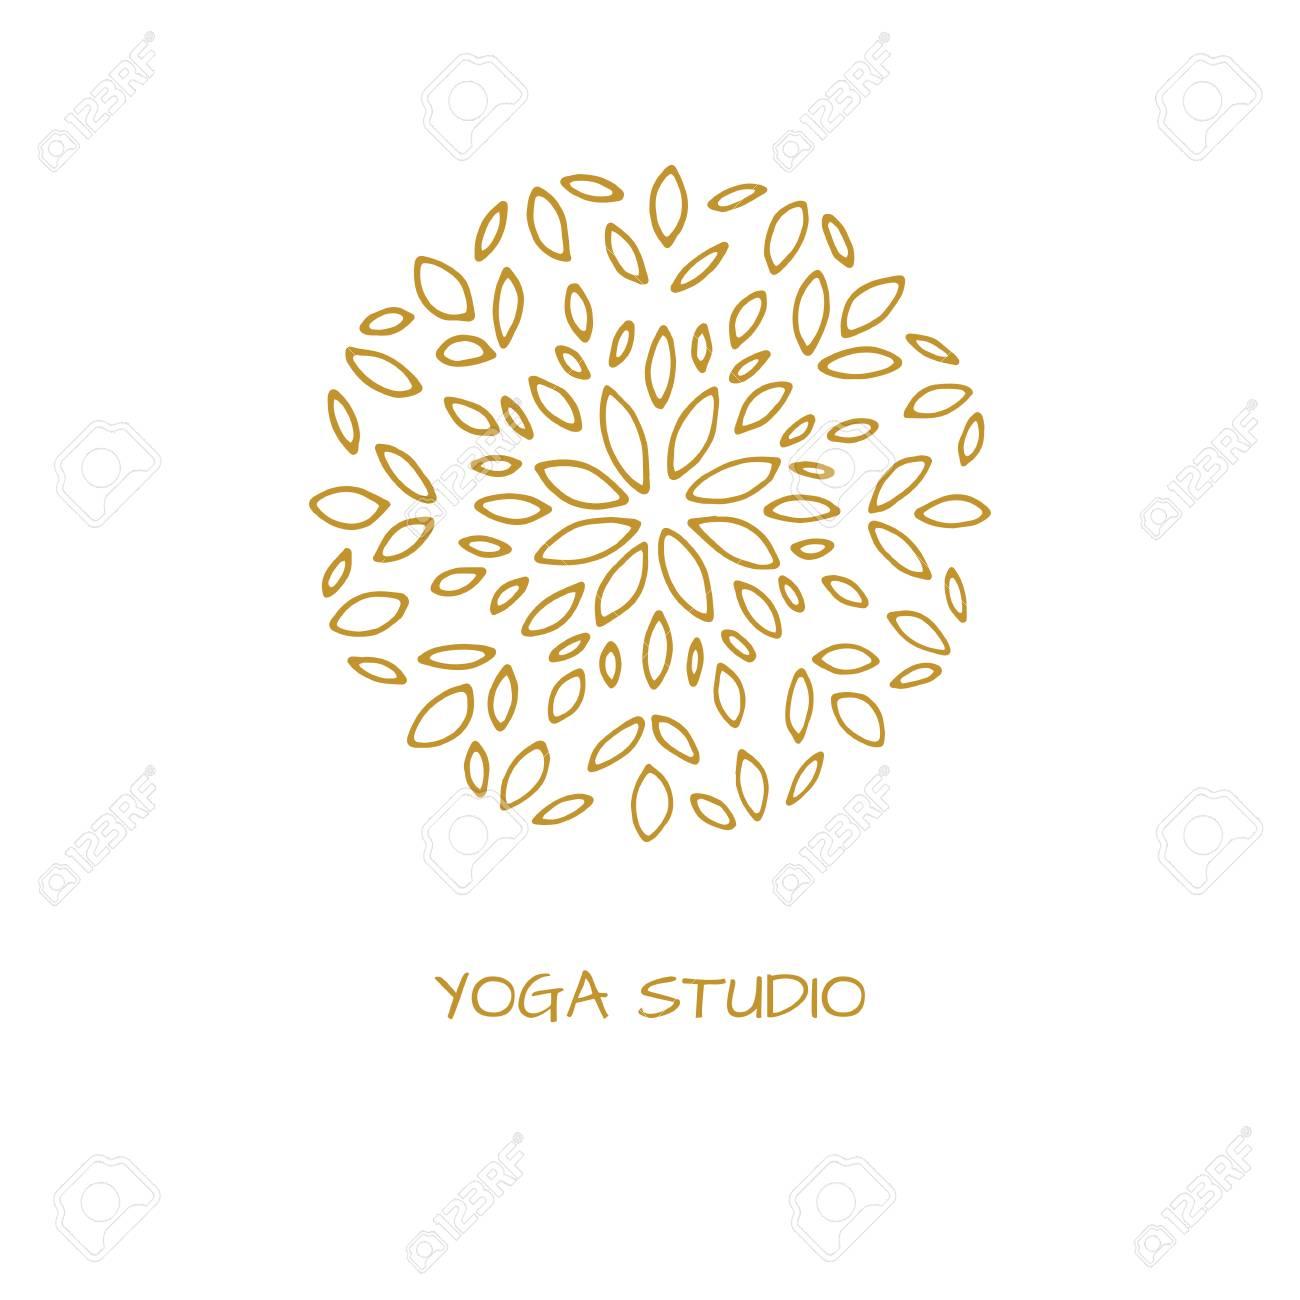 Logotipo En Estilo árabe Para Estudio De Yoga, Centro Holístico Y ...